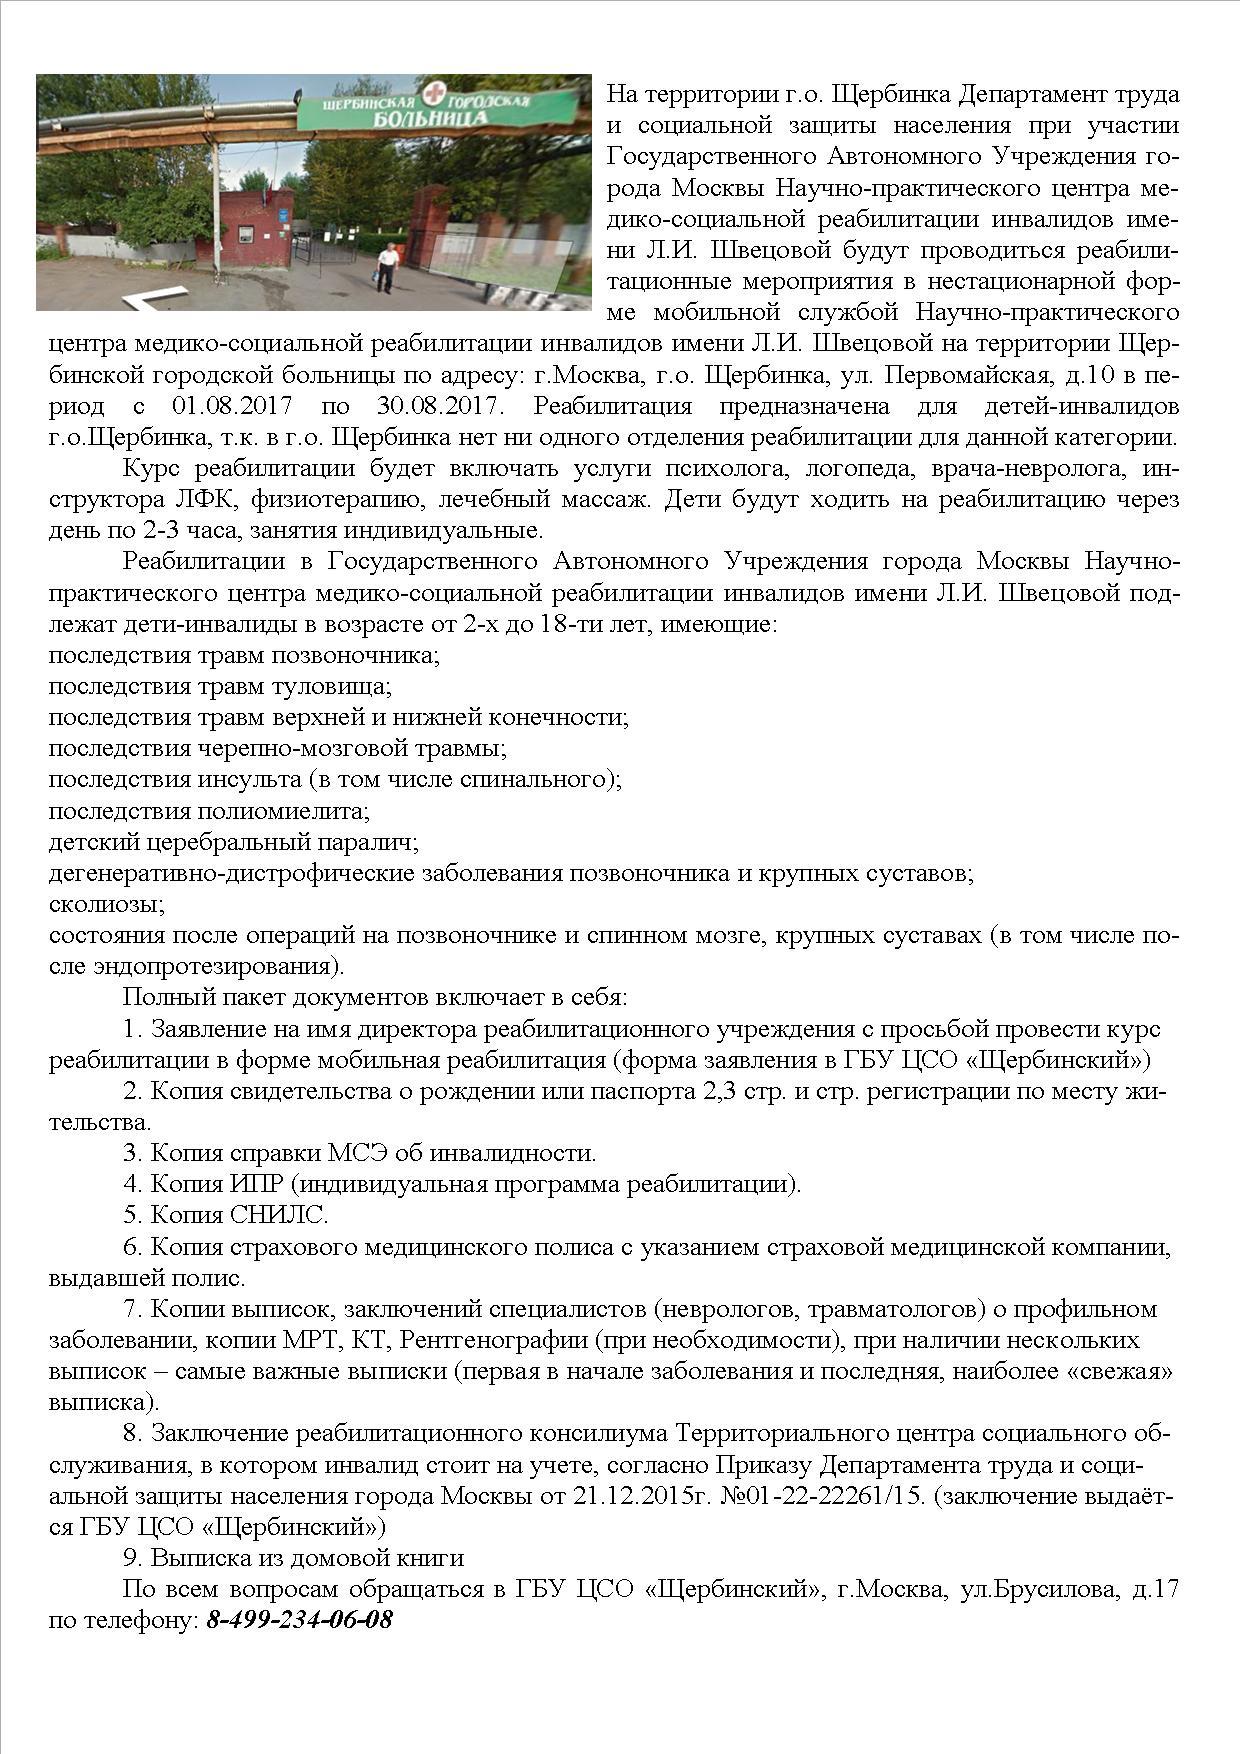 Информация по мобил.реаб.в г.о. Щербинка